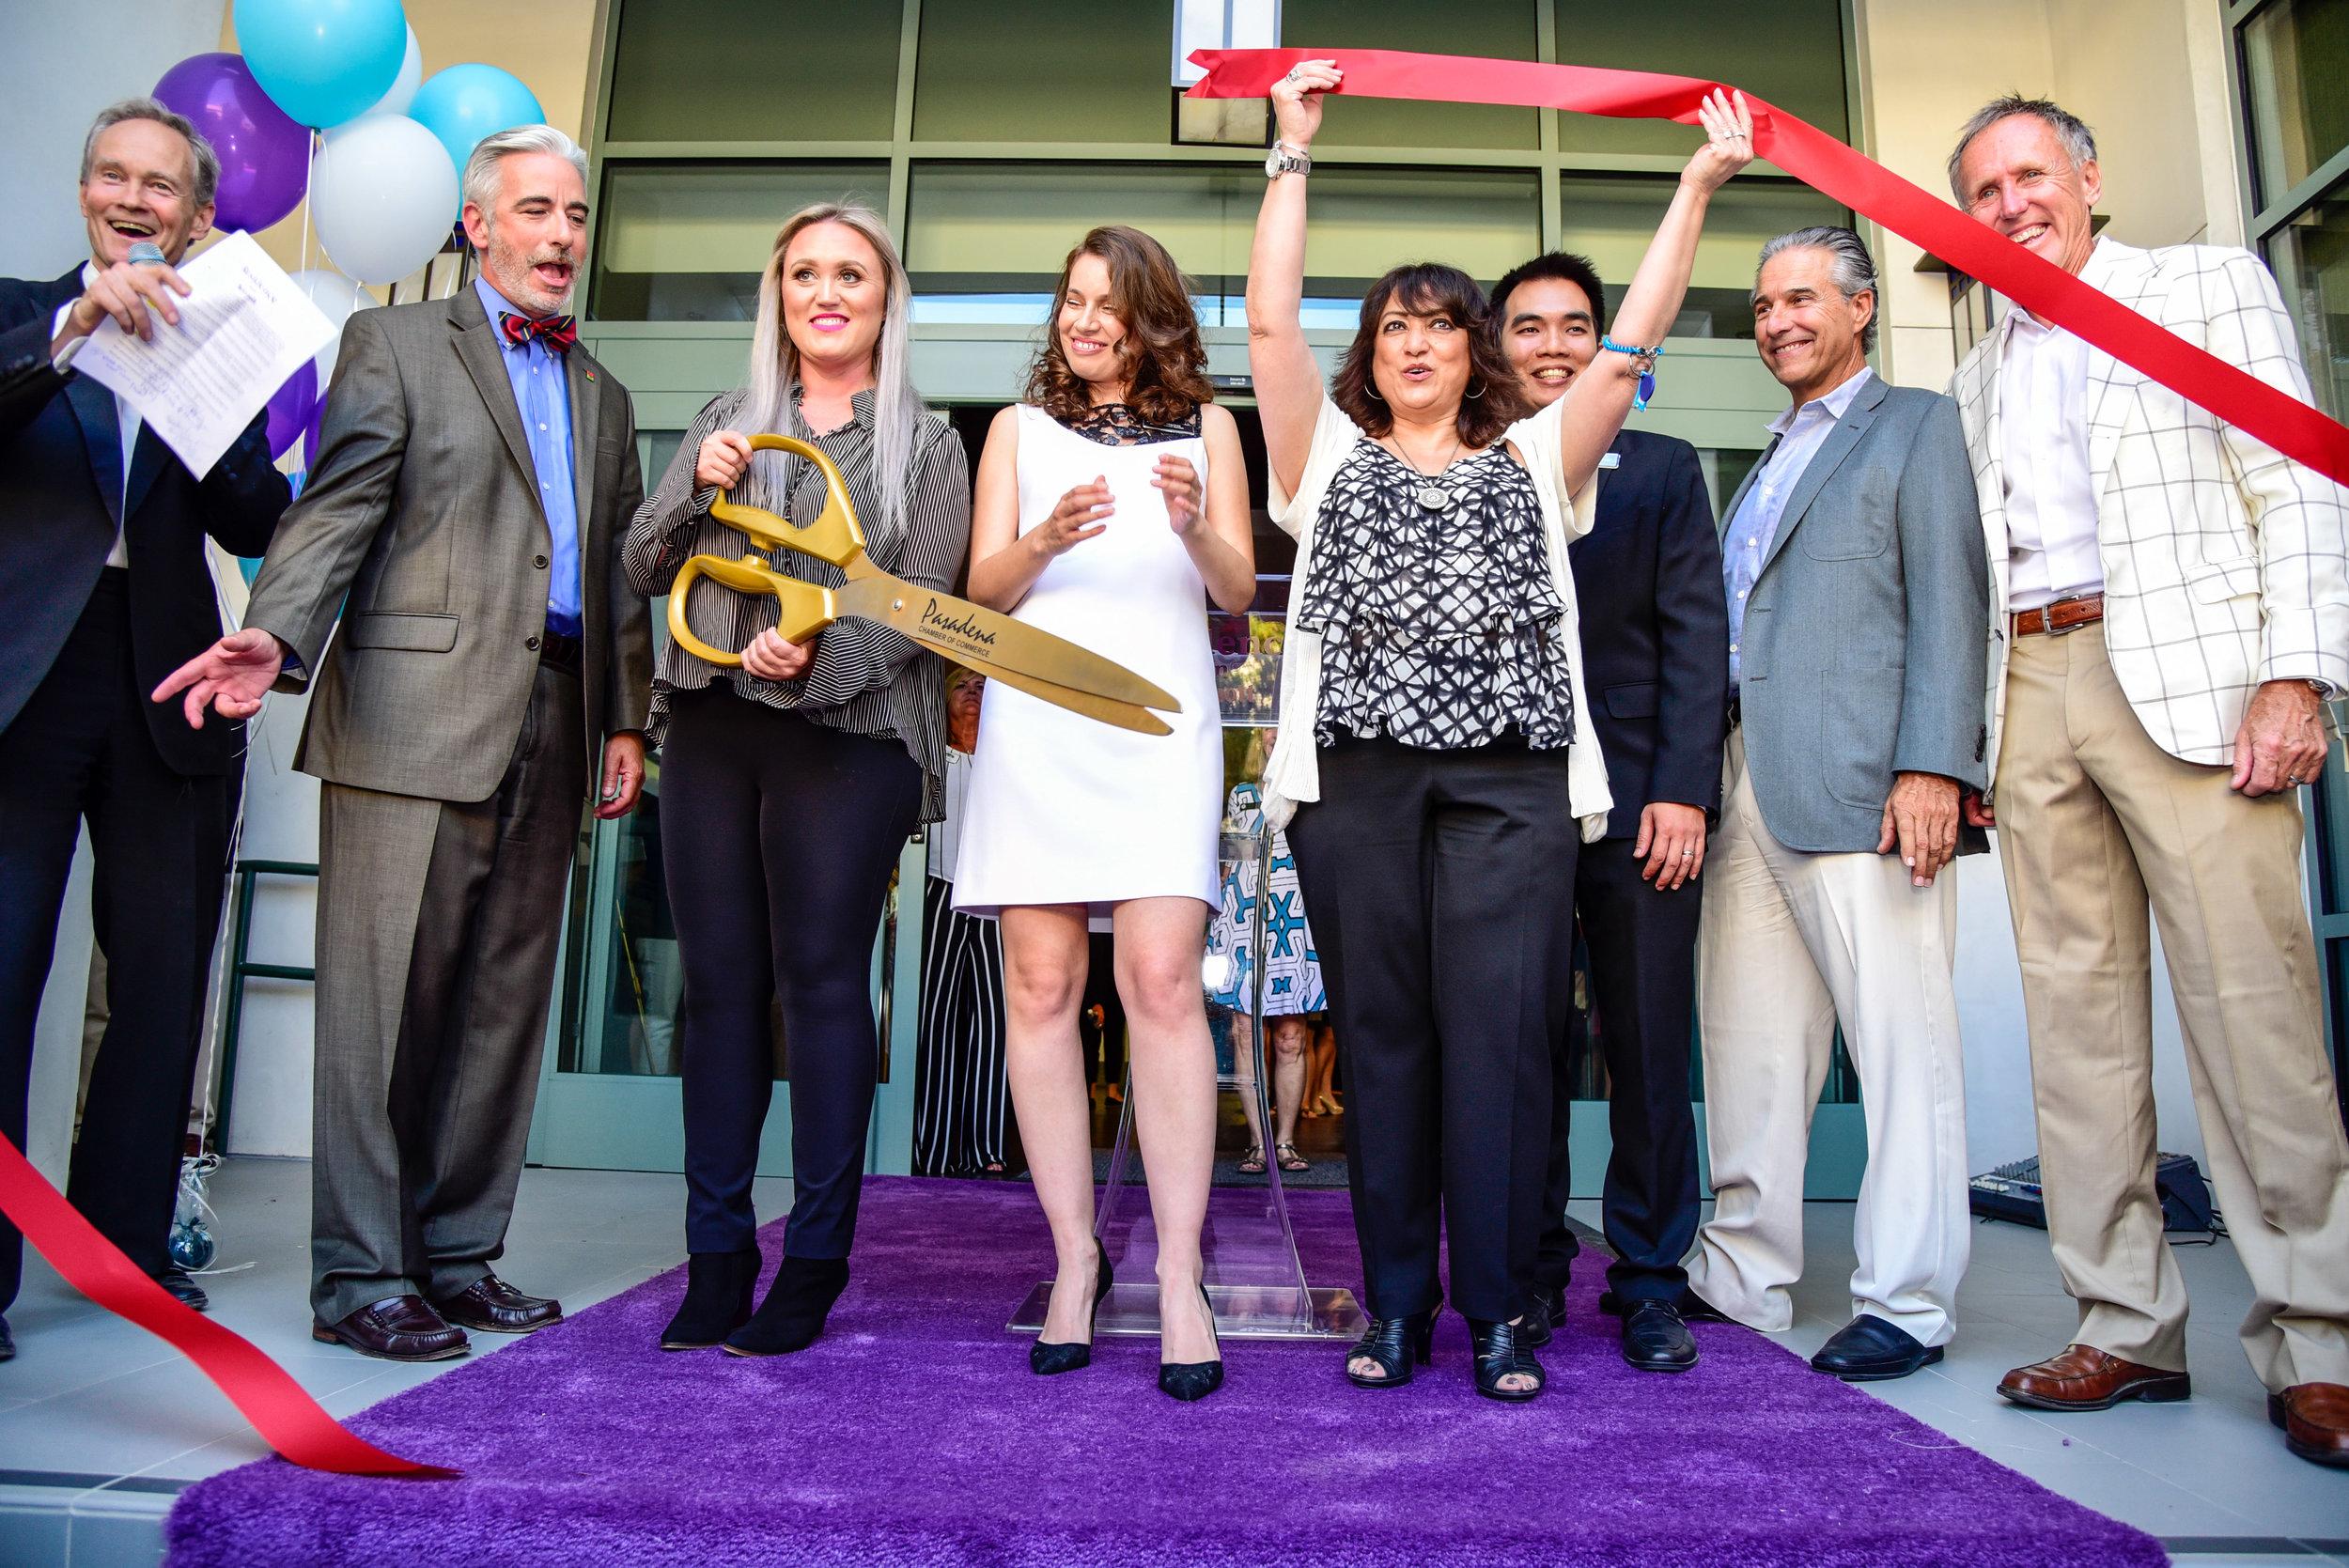 Marriott Residence Inn Grand Opening Event Photography-4.jpg